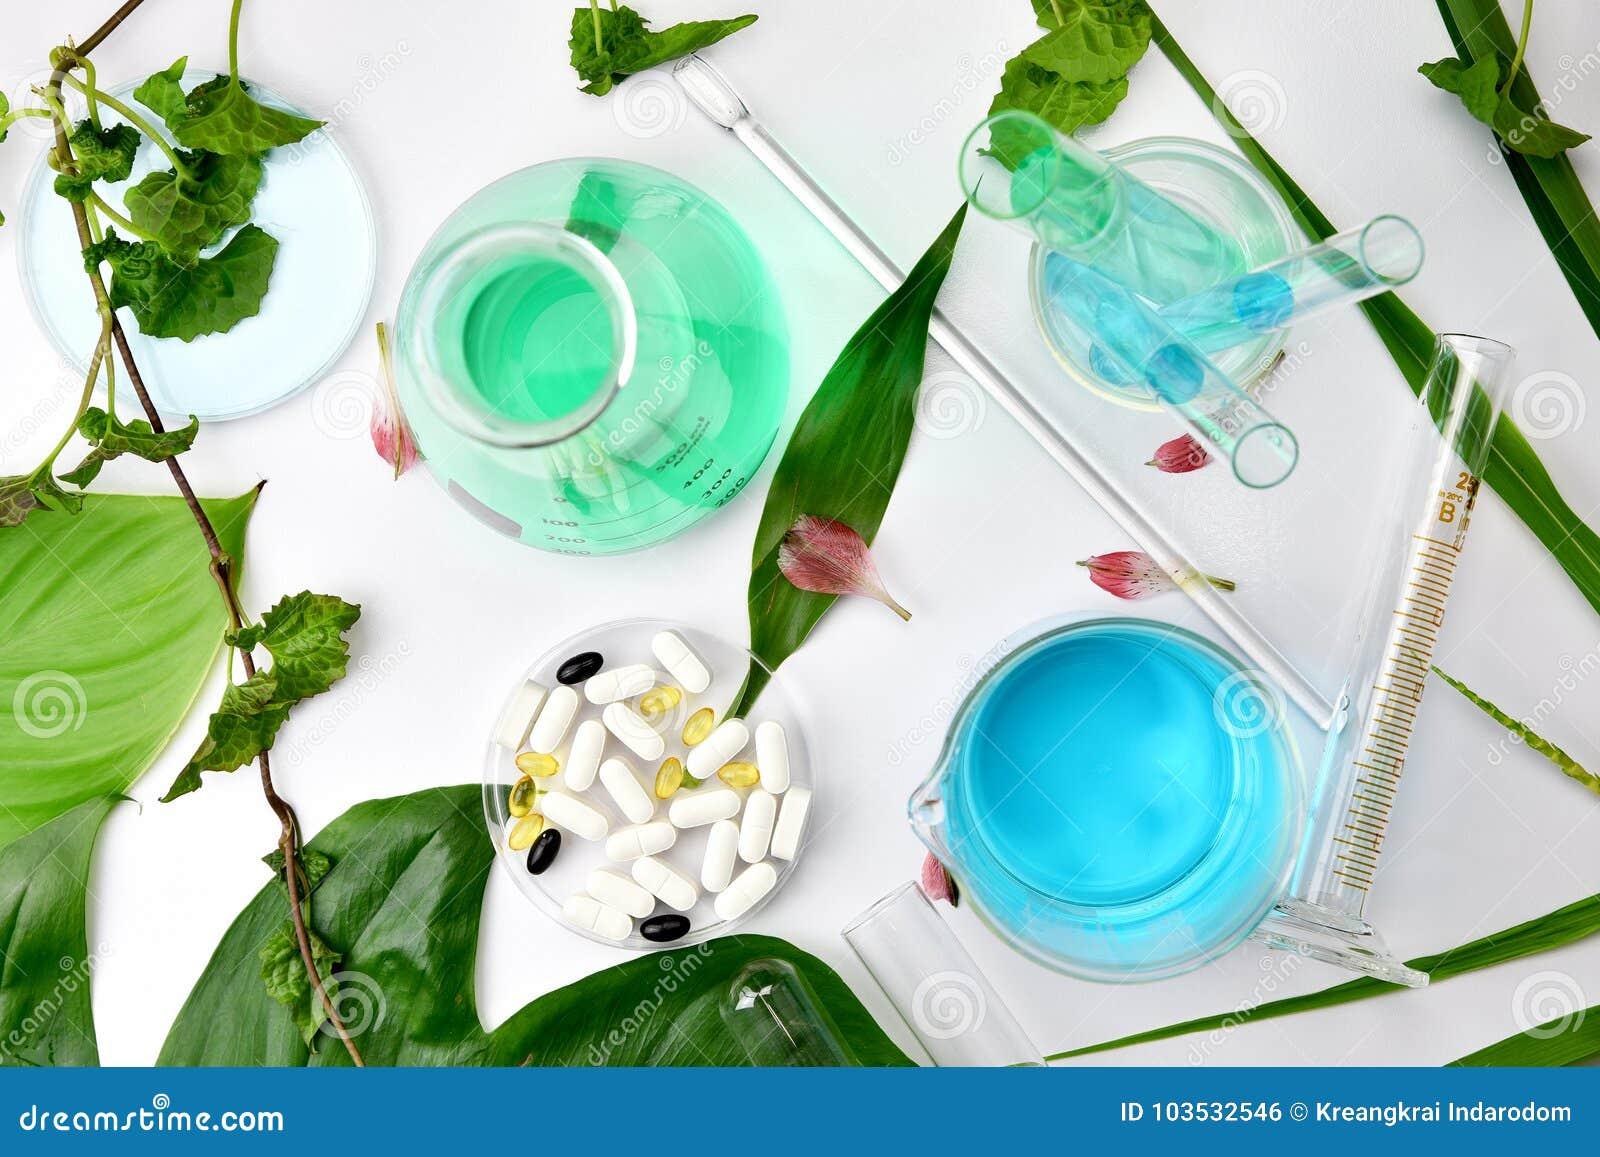 Botánica orgánica natural y cristalería científica, medicina alternativa de la hierba, productos de belleza cosméticos naturales